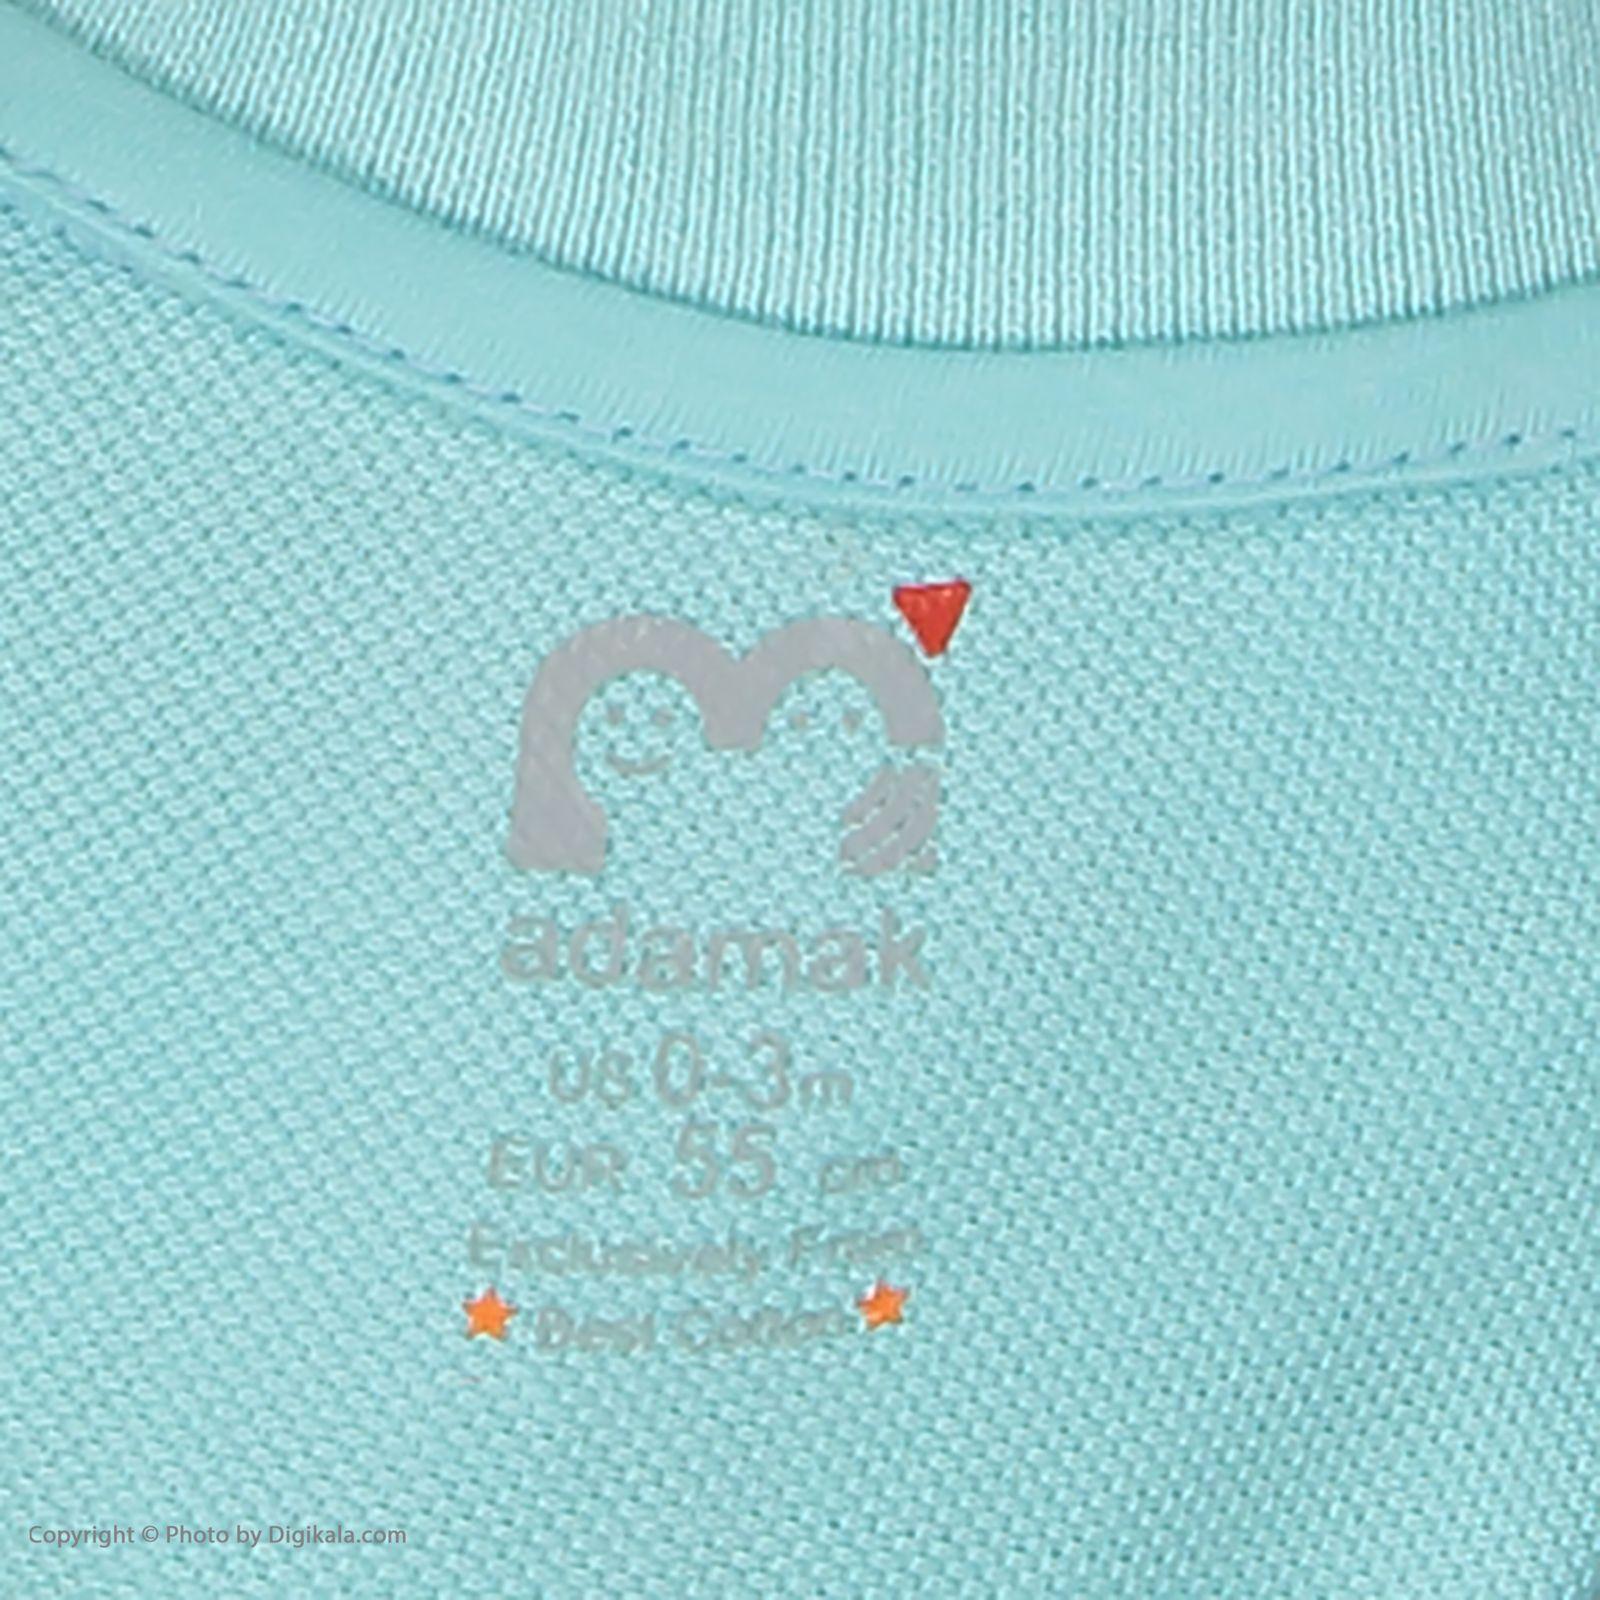 ست پیراهن و شلوارک نوزادی دخترانه آدمک مدل 2171109-53 -  - 11